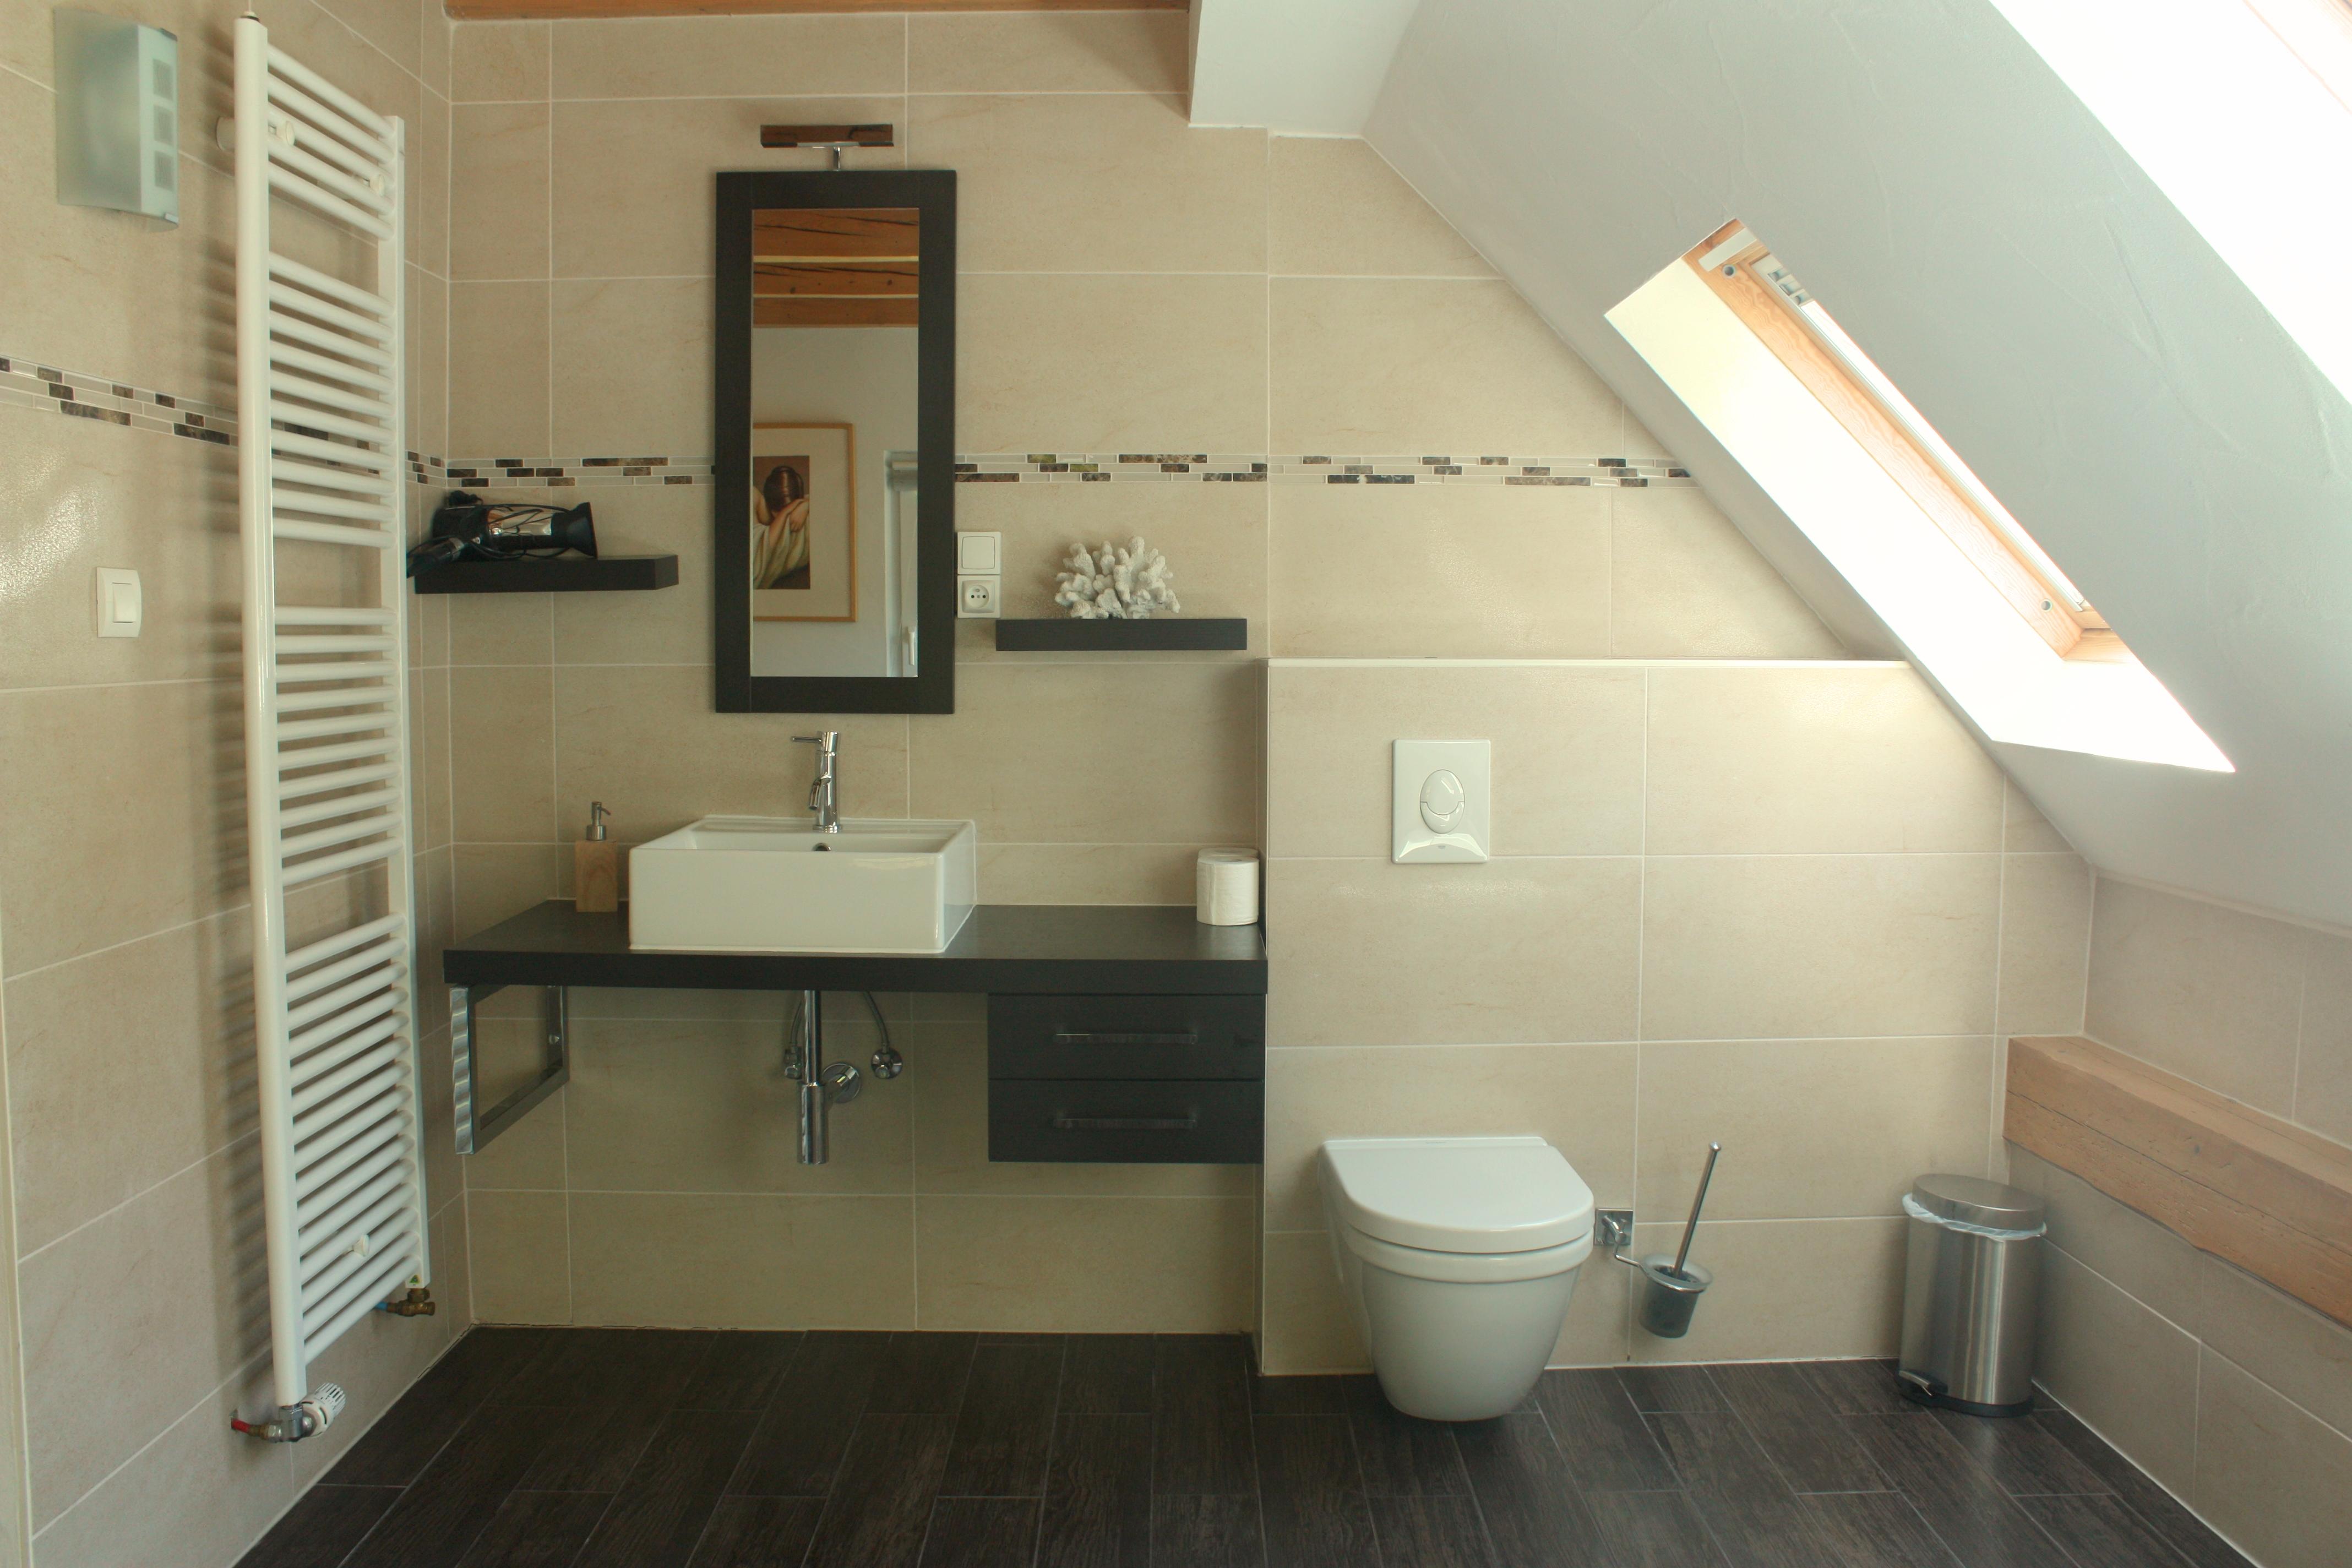 Chambre A Salle de bain.JPG